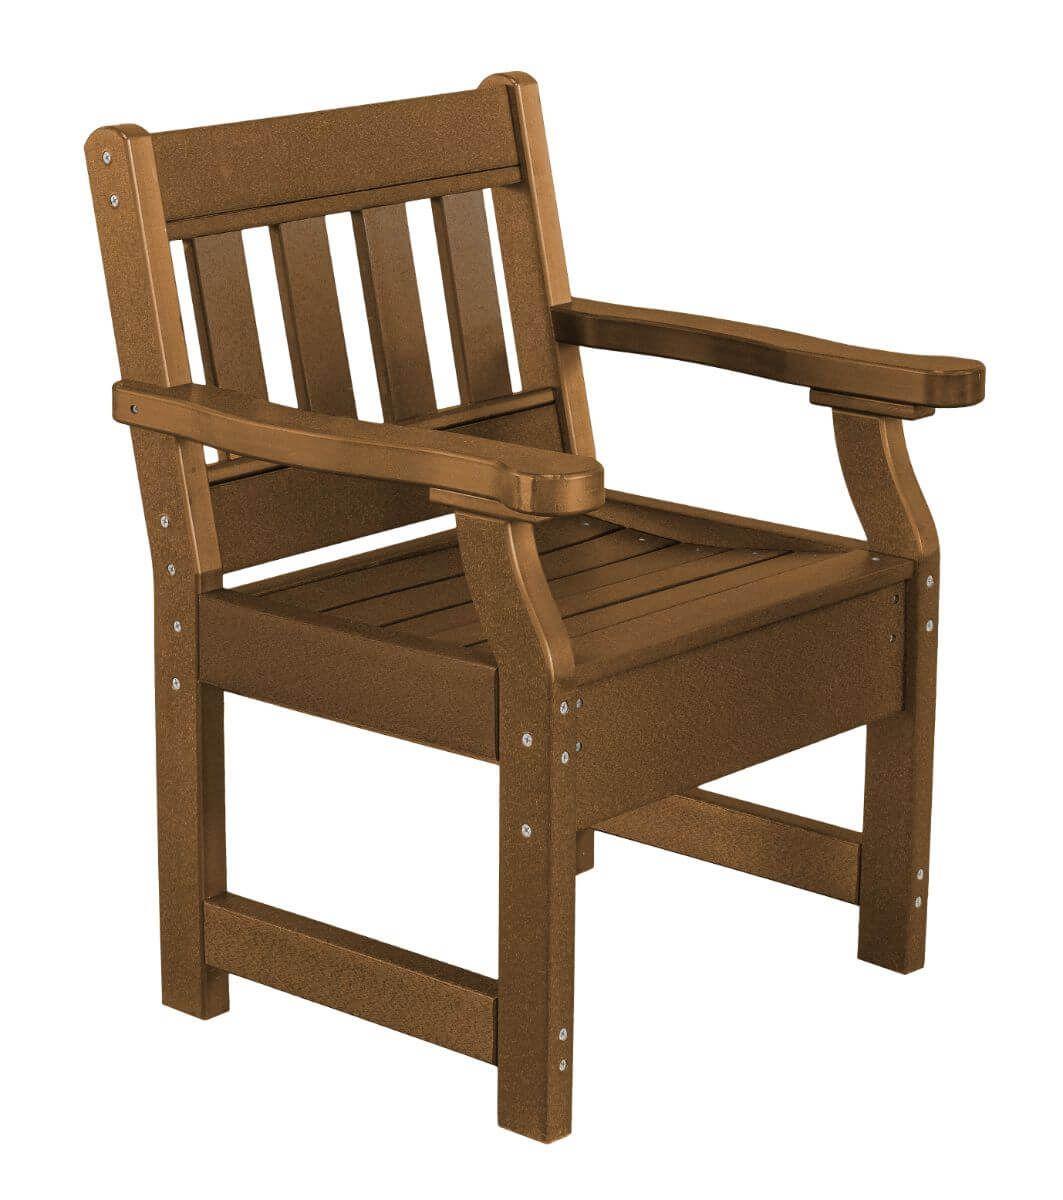 Tudor Brown Aden Patio Chair